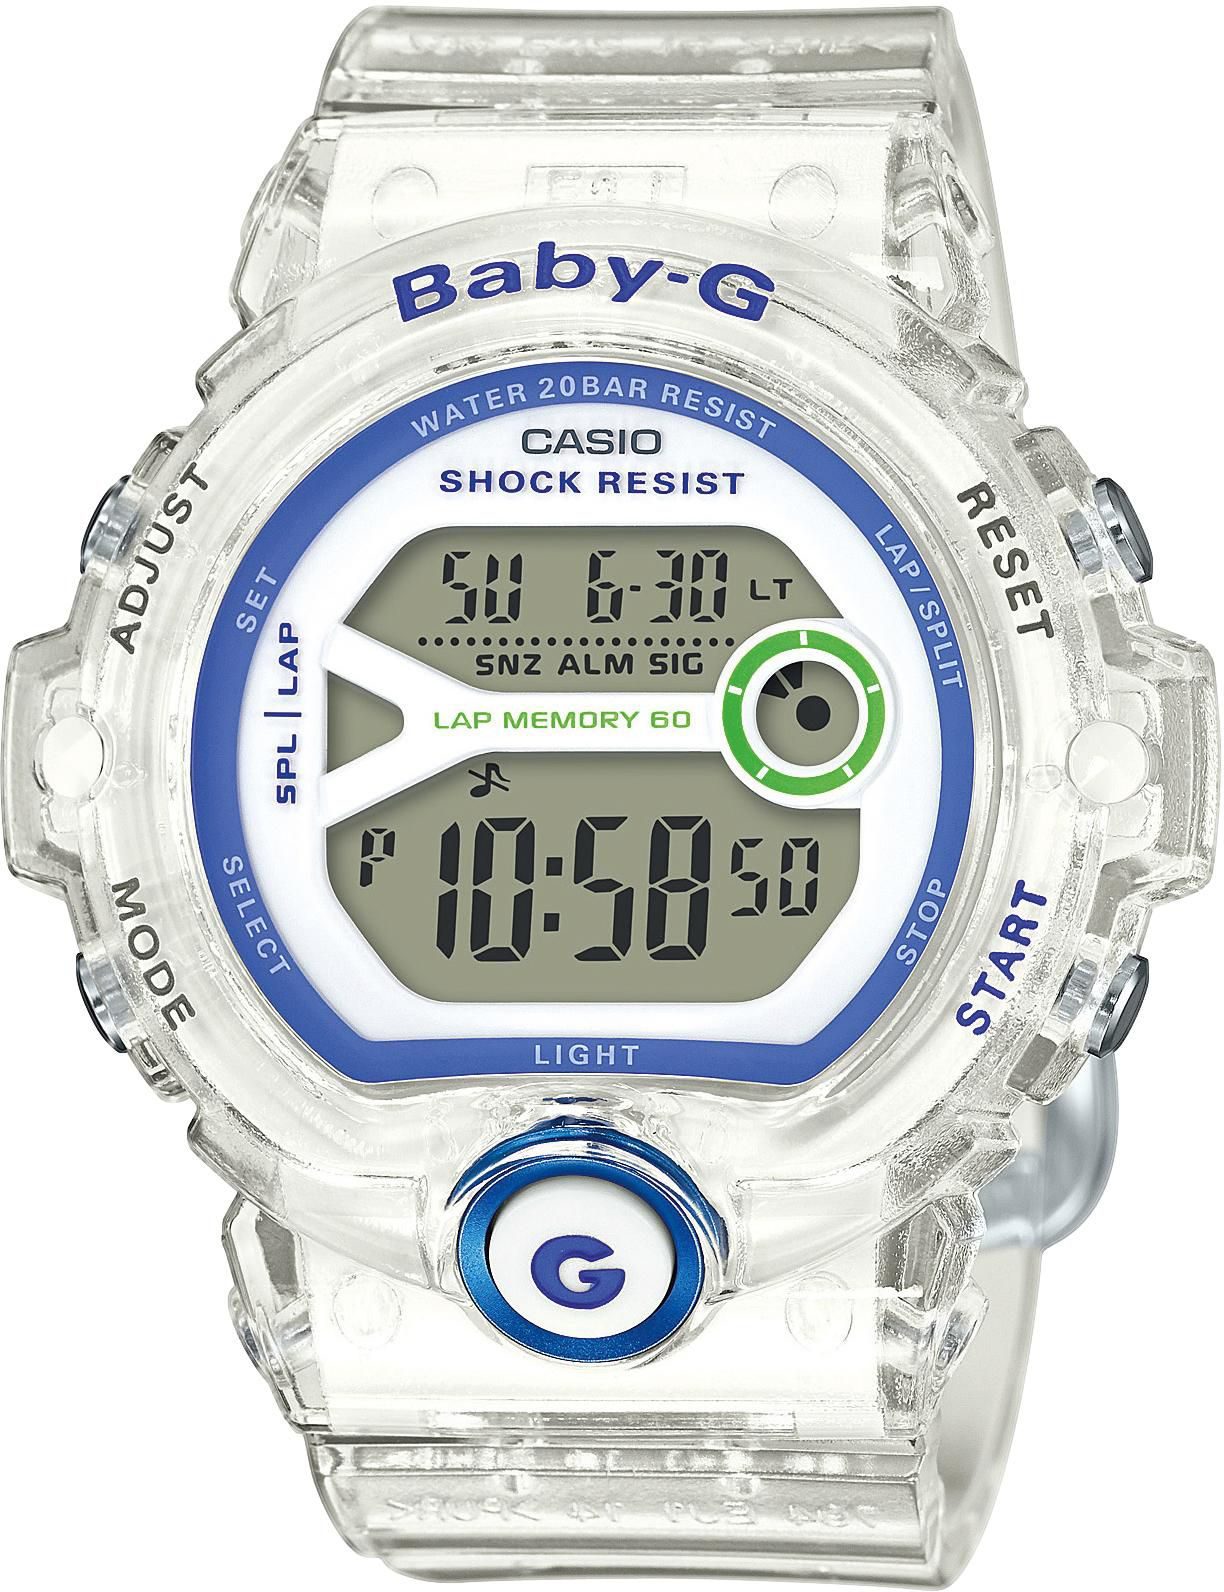 CASIO BABY G Casio Baby-G Chronograph »BG-6903-7DER«